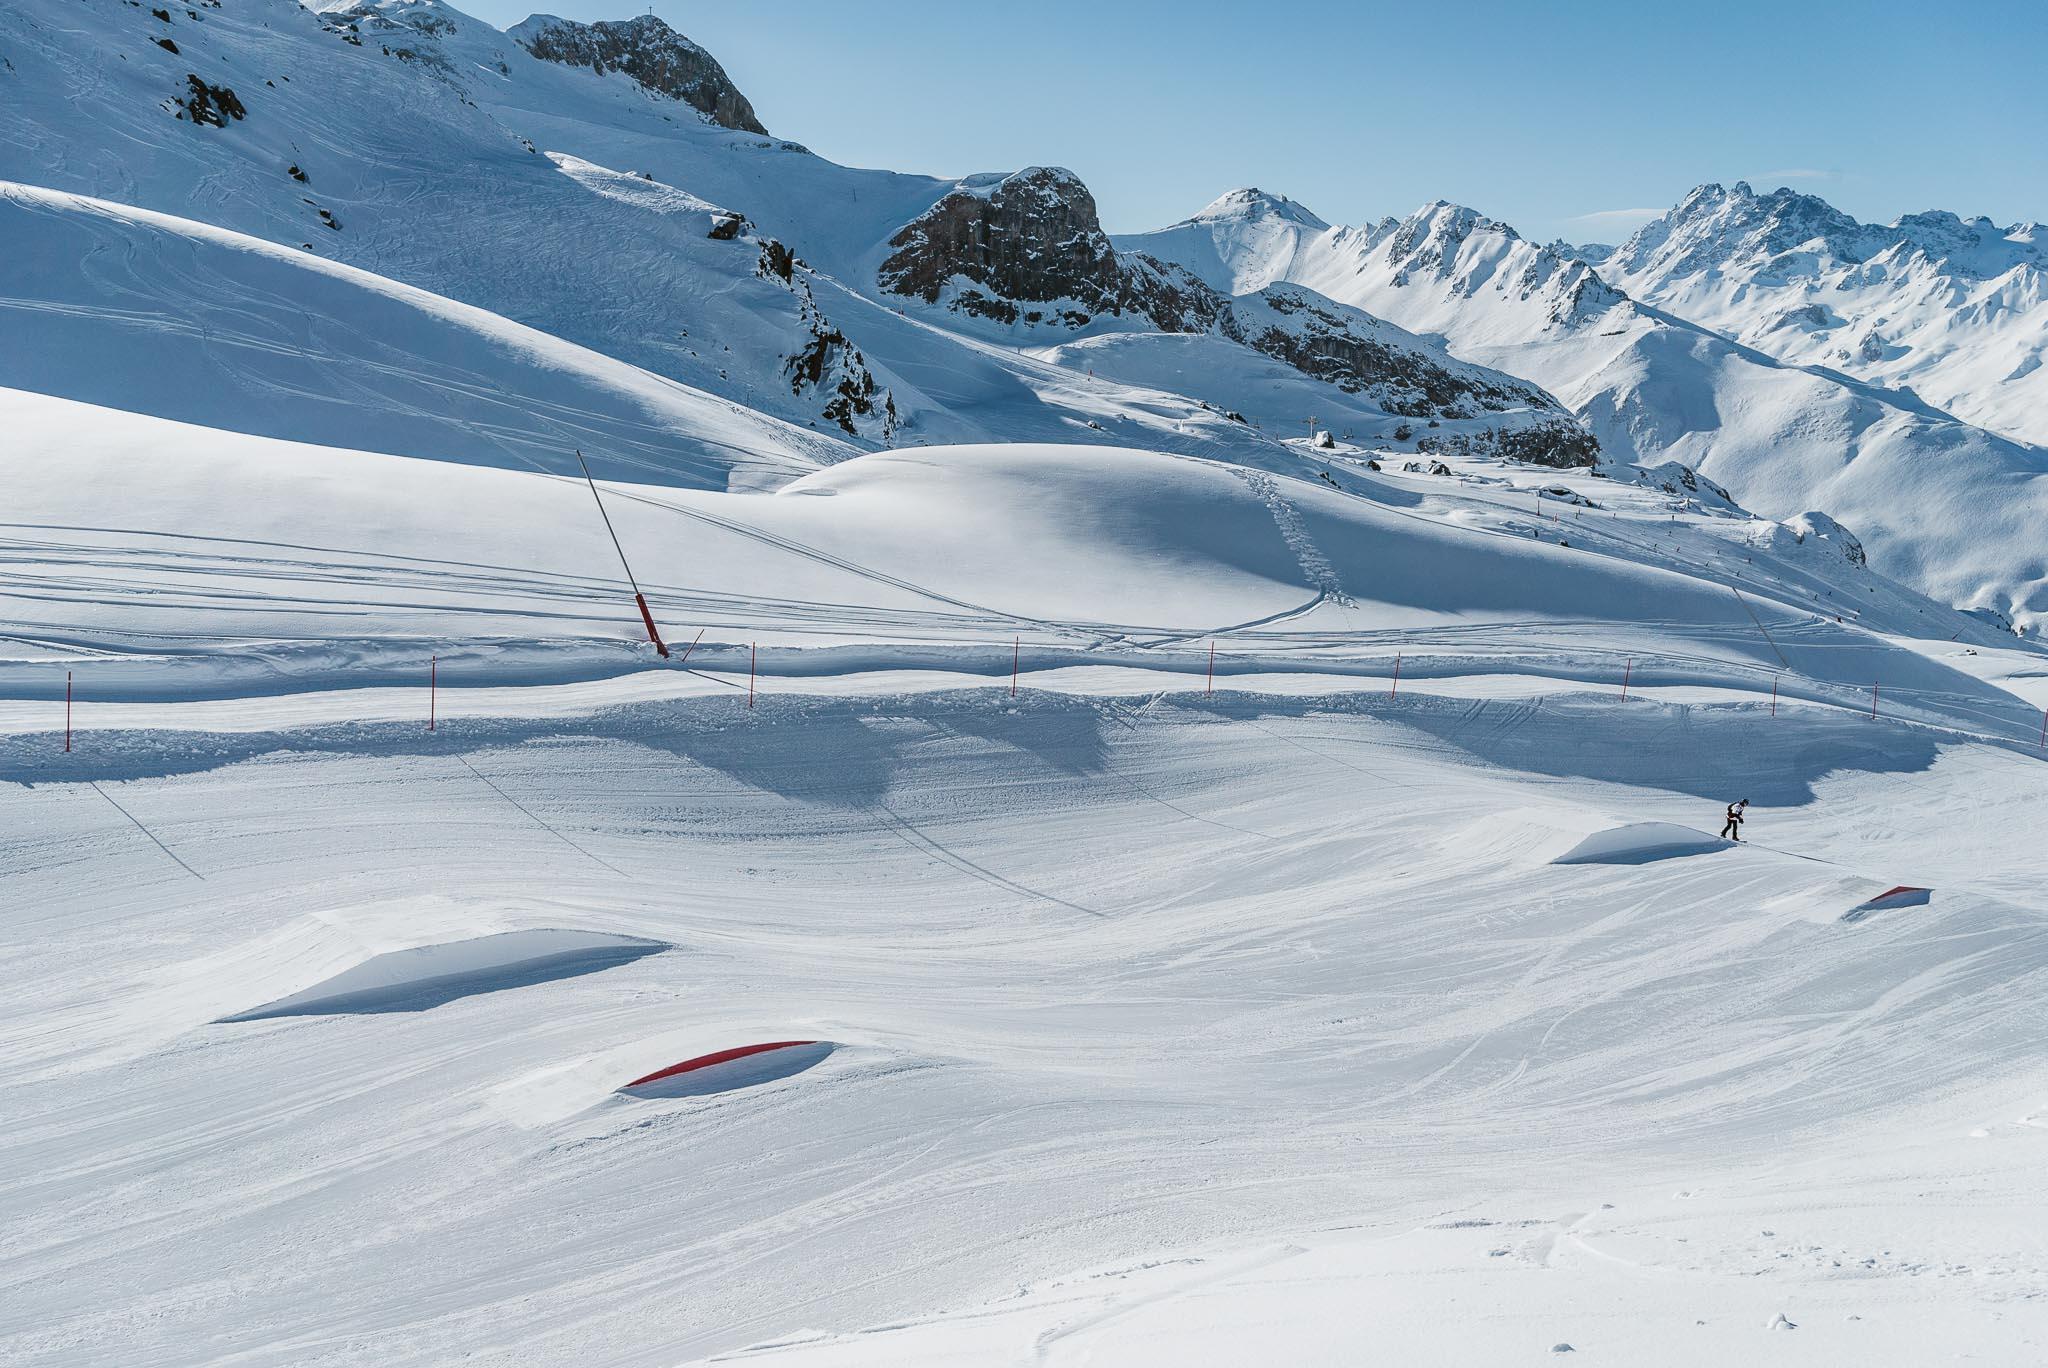 Die ersten Feature im Ischgl Snowpark: kleine Kicker und Boxen. Links daneben startet die Funslope.